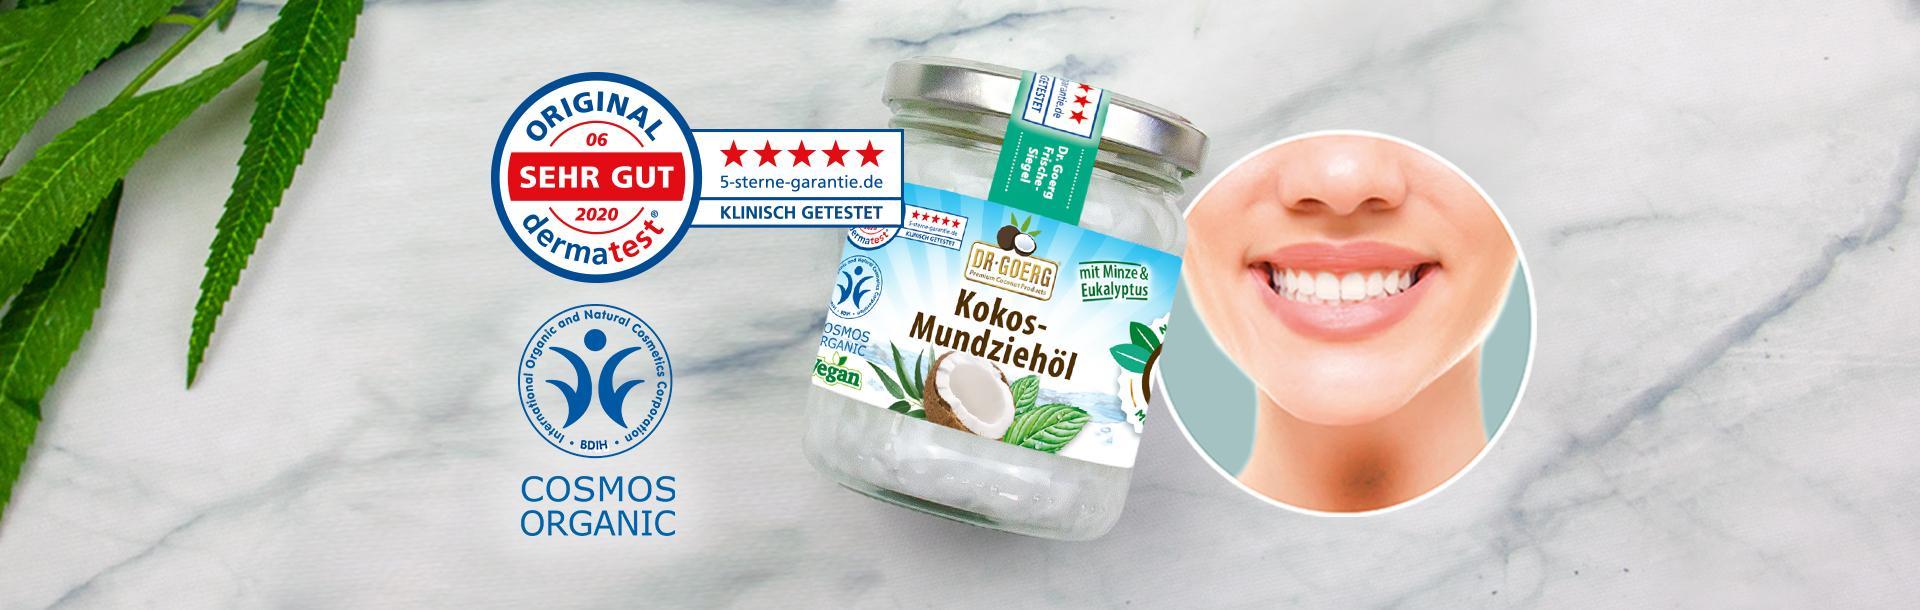 """Dermatest-Urteil """"Sehr Gut"""" (06/2020) für das Premium Bio-Kokos-Mundziehöl"""